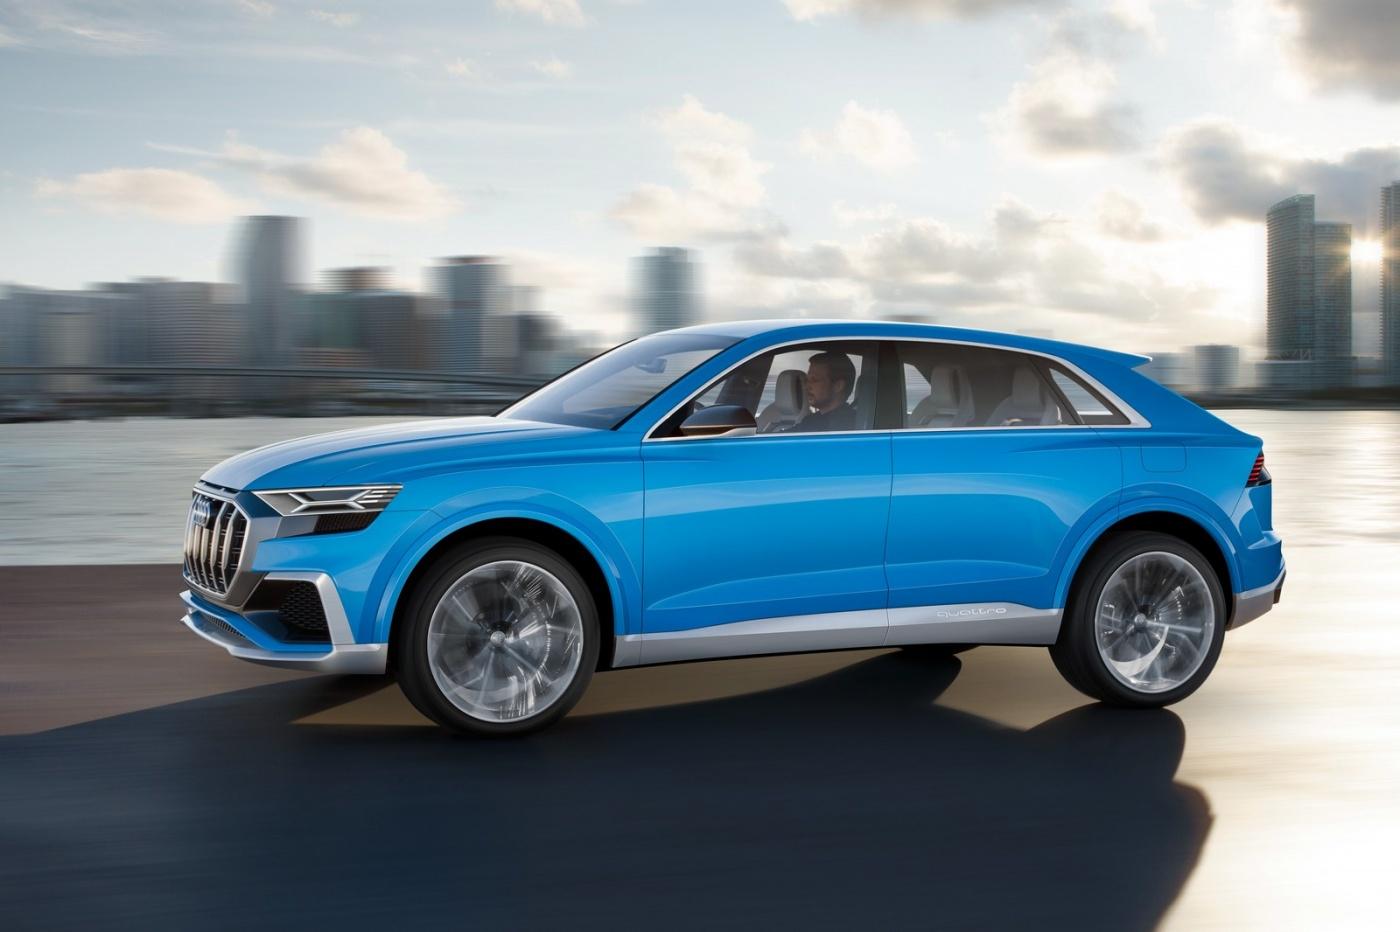 Audi Q8 Concept - 04